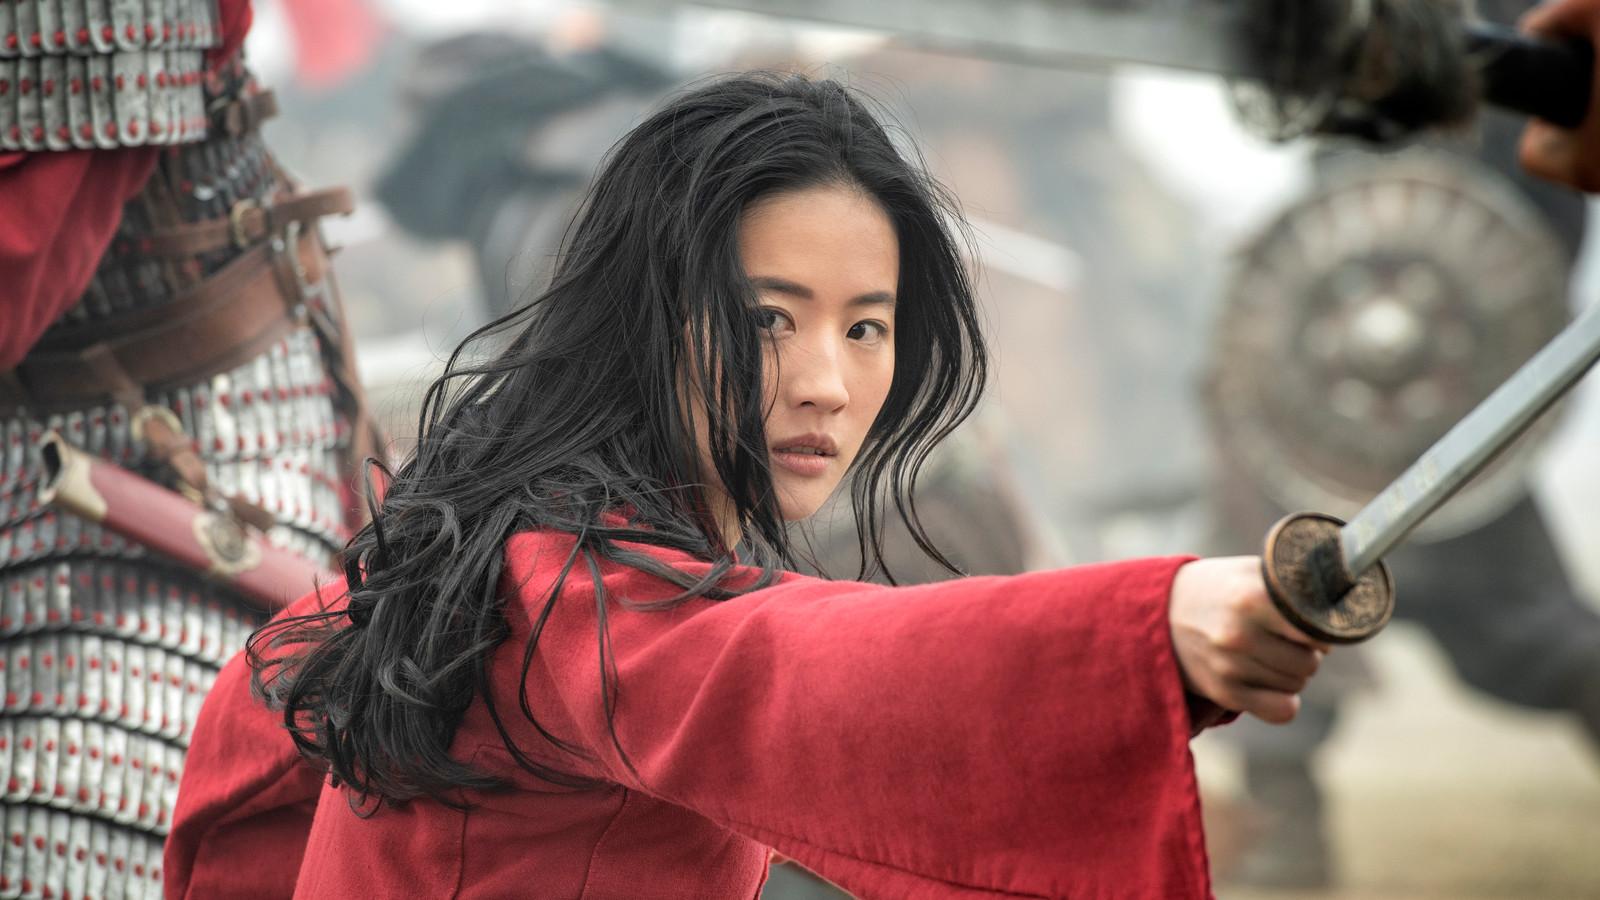 """La sortie de la version en prise de vue réelle du célèbre dessin animé """"Mulan"""" avait déjà été reportée deux fois."""